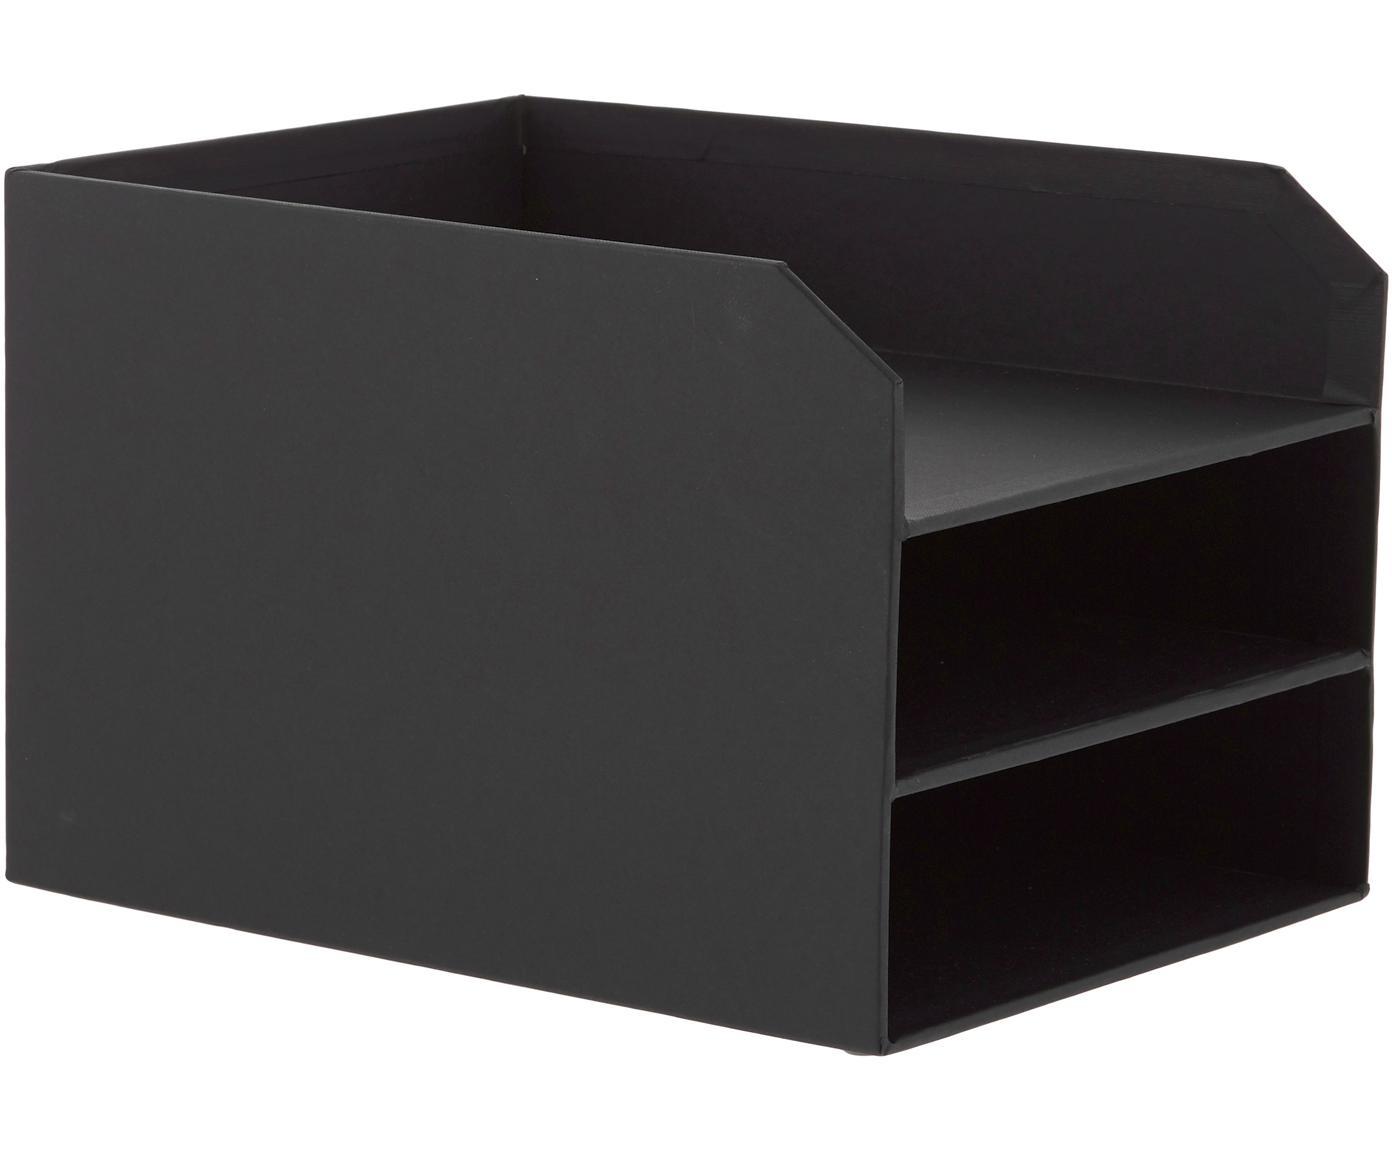 Organizadores de documentos Trey, Cartón laminado macizo, Negro, An 23 x Al 21 cm